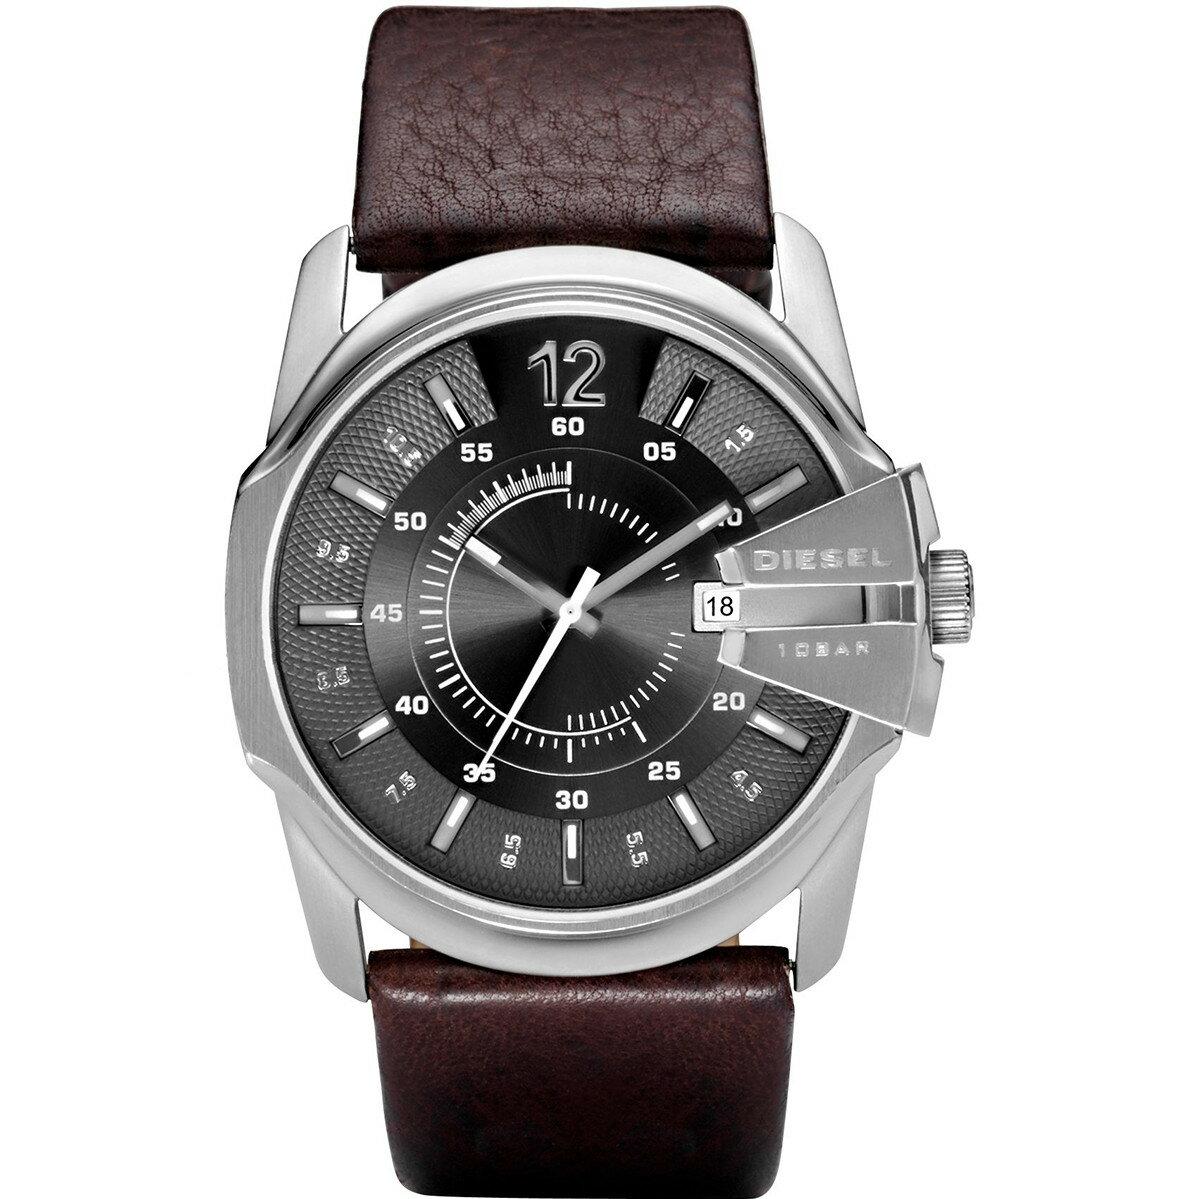 DIESEL ディーゼル DZ1206 MASTER CHIEF マスターチーフ 腕時計 [海外正規商品][送料無料][あす楽]